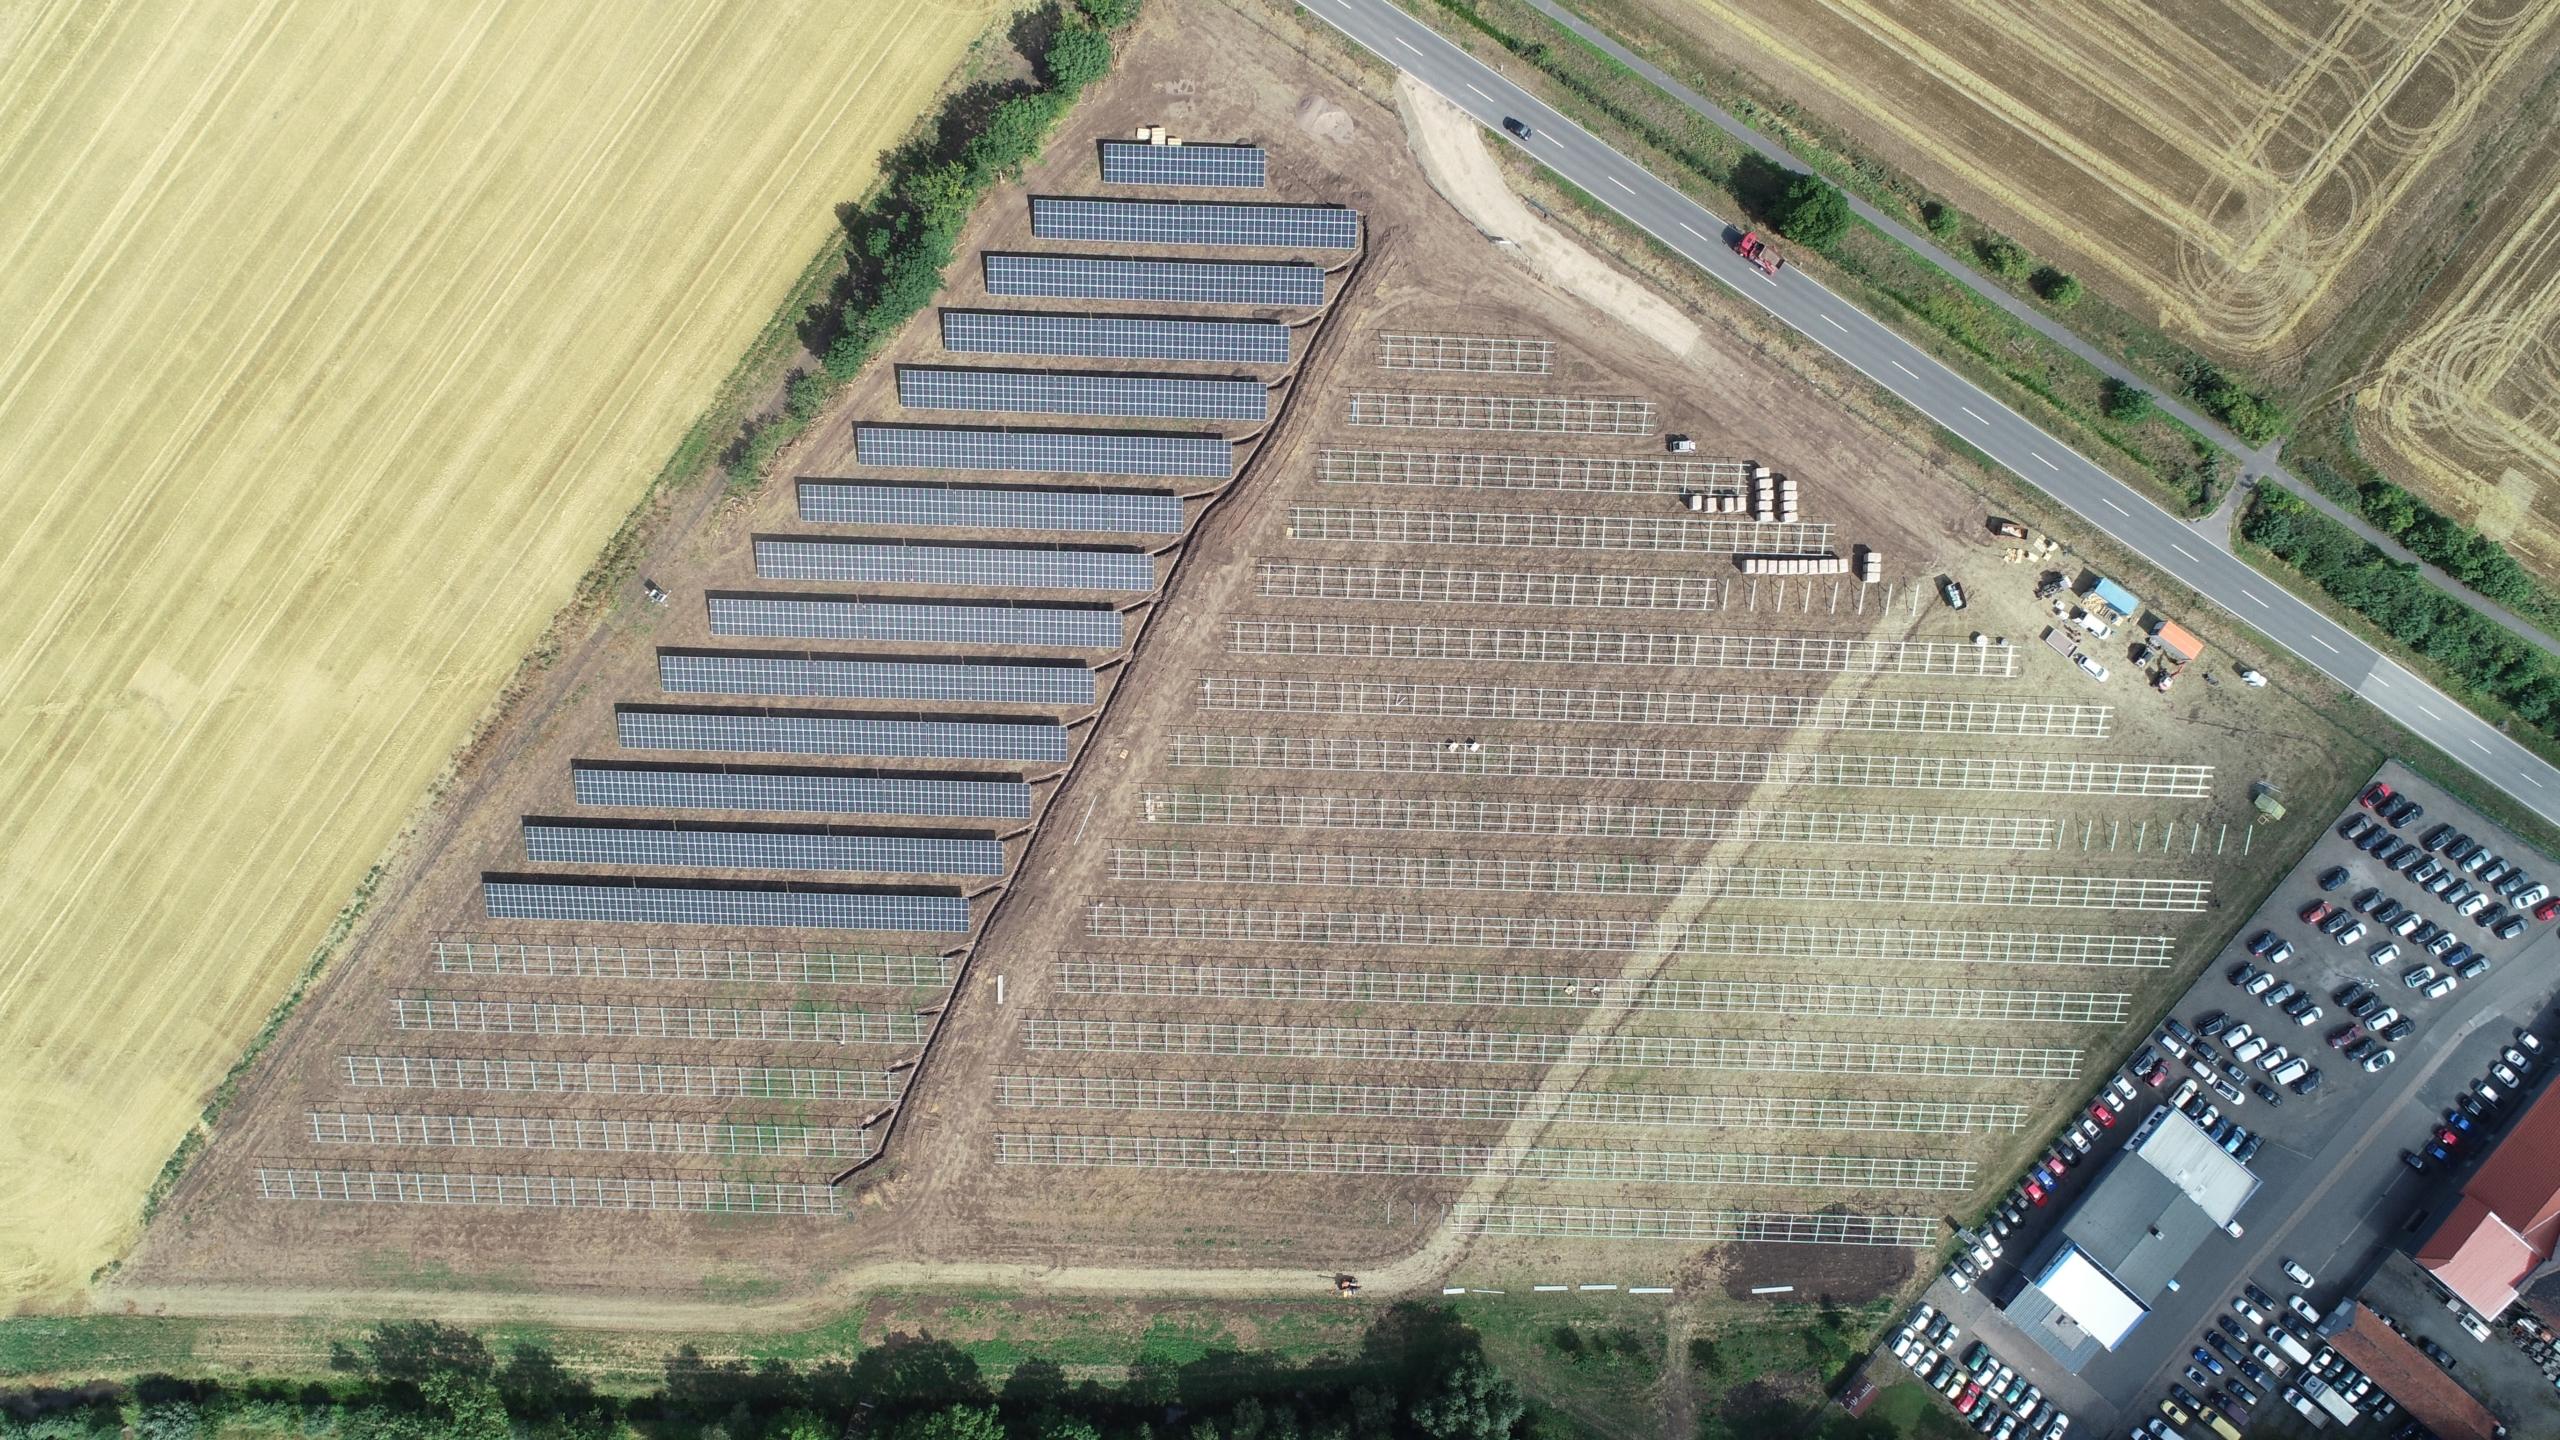 SL Rack Freiflächensystem - 3V | Standort: Thüringen, Deutschland | Leistung: 3 MWp